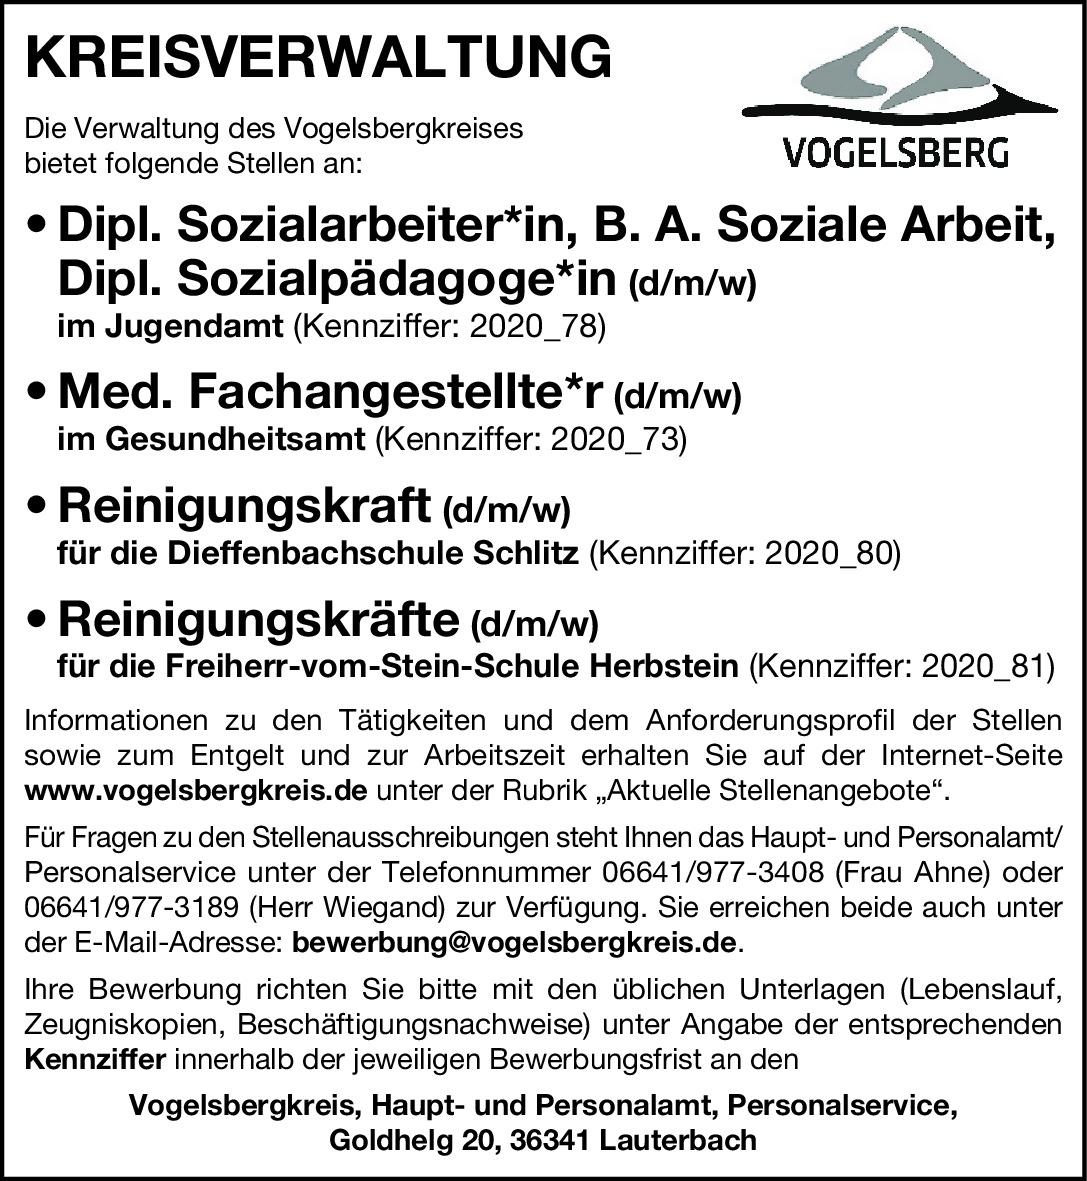 Dipl.Sozialarbeiter*in (w/m/d), Med Fachangestellte (w/m/d)